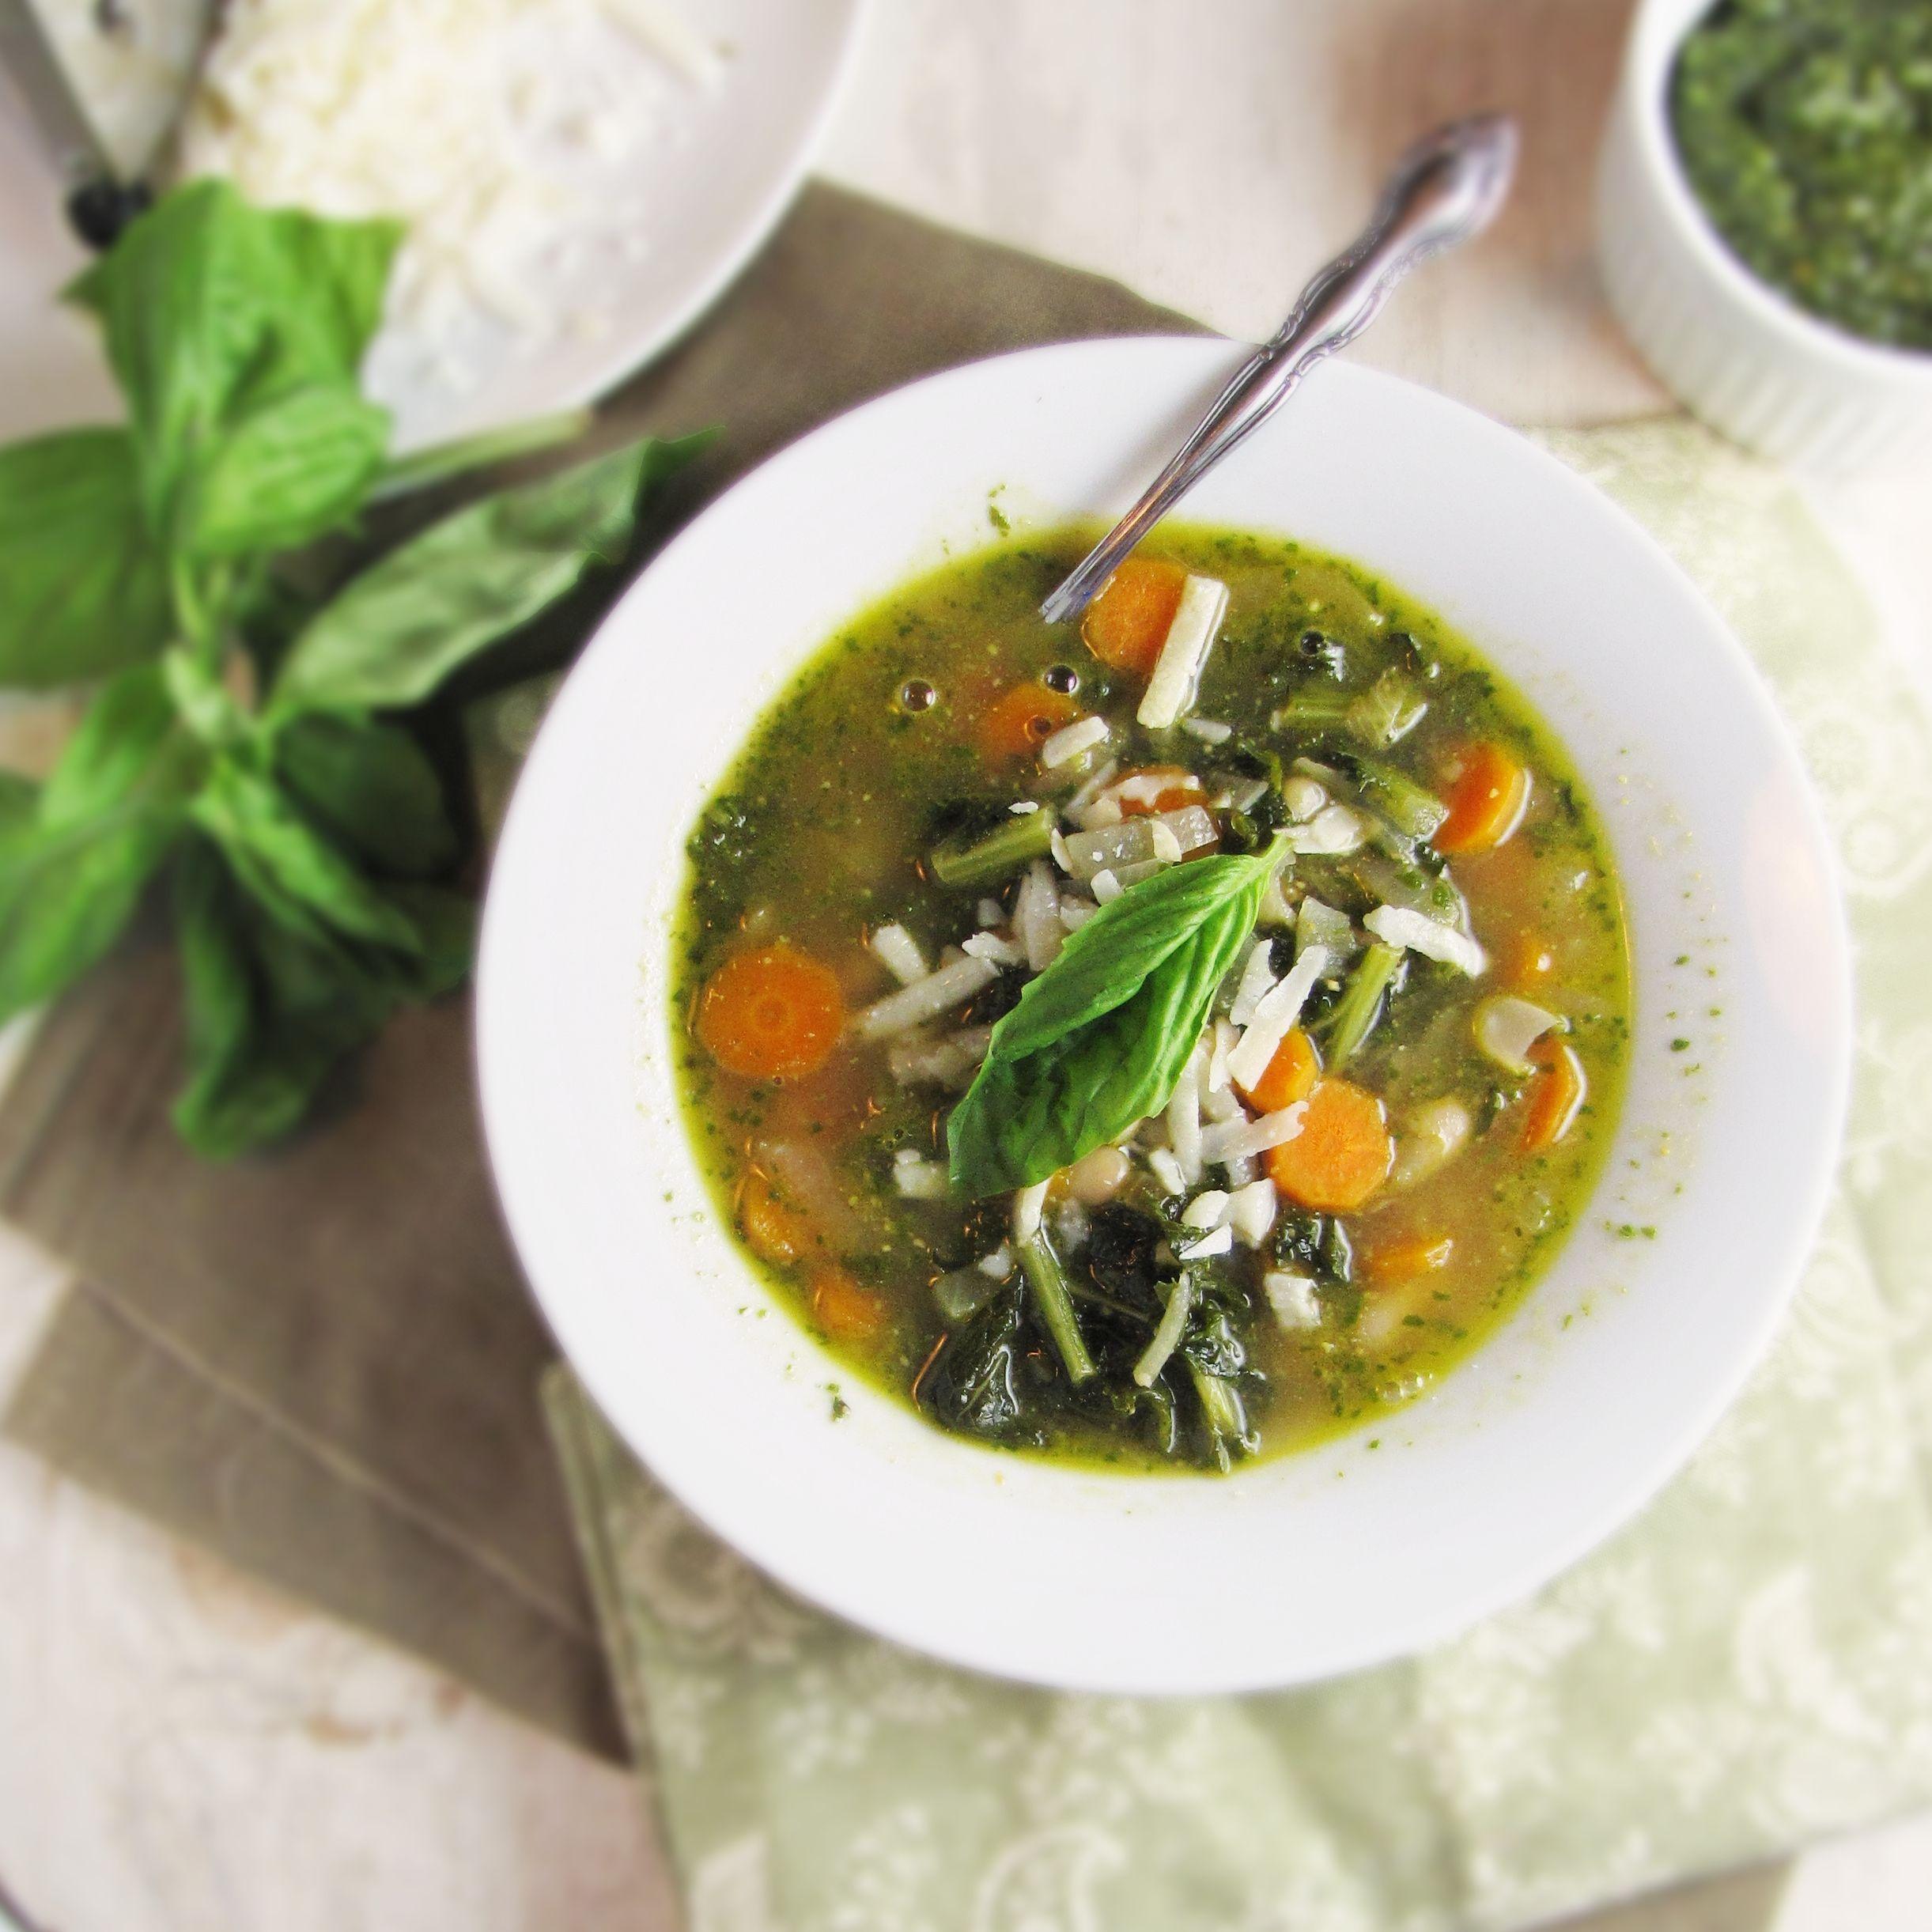 White Bean, Kale, and Pesto Soup | White beans, Kale and Pesto